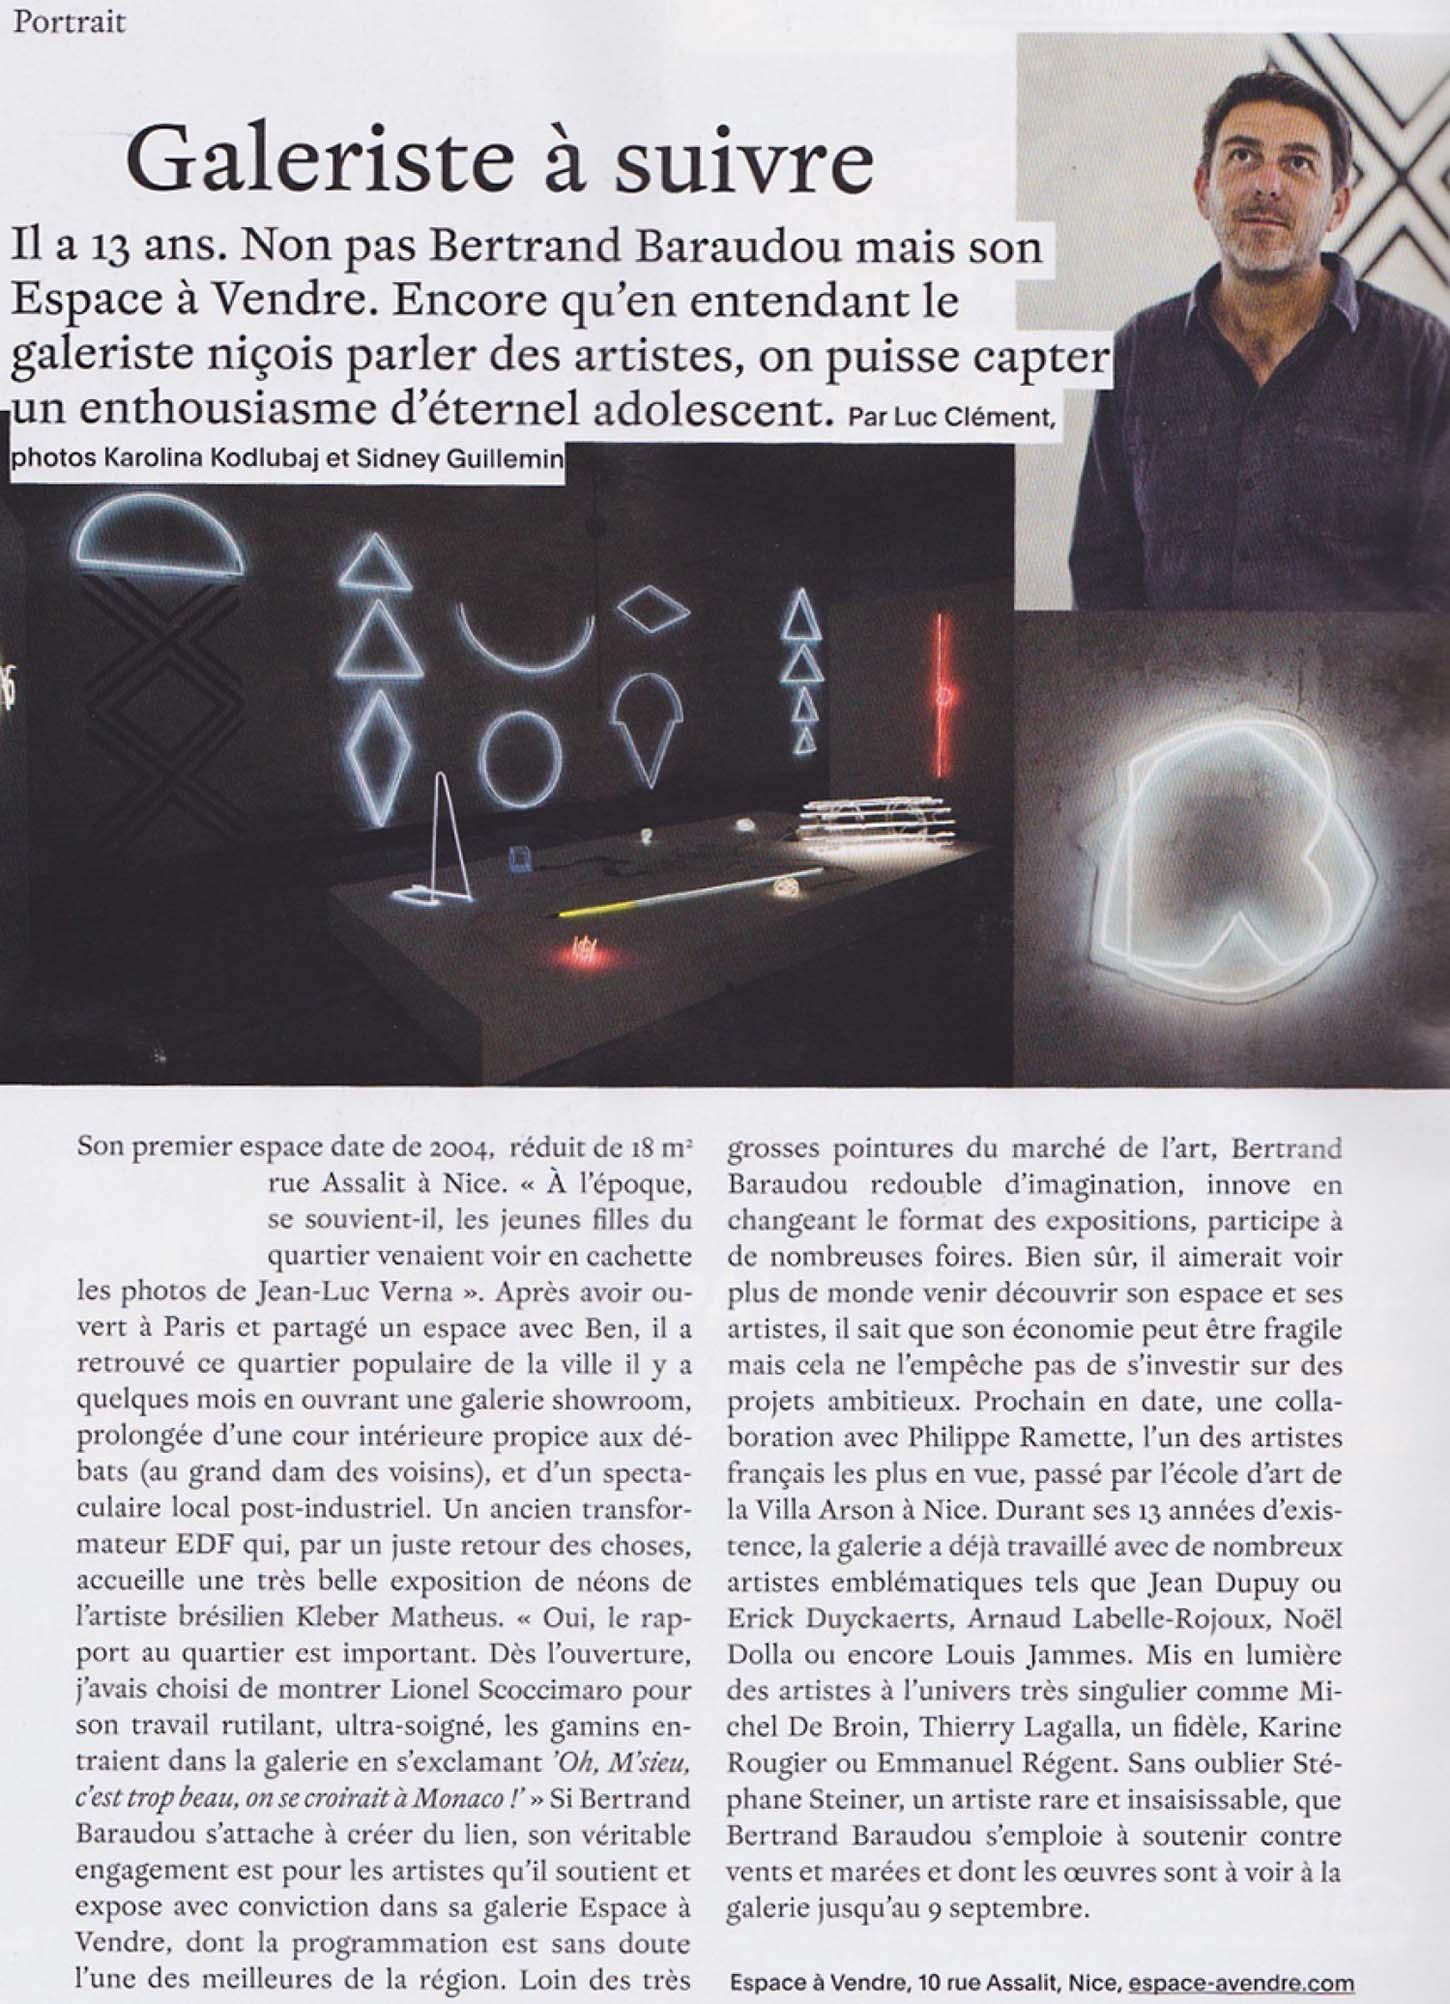 Espace A VENDRE  Article de l'exposition Géométrie spirituelle, par Kleber Matheus.